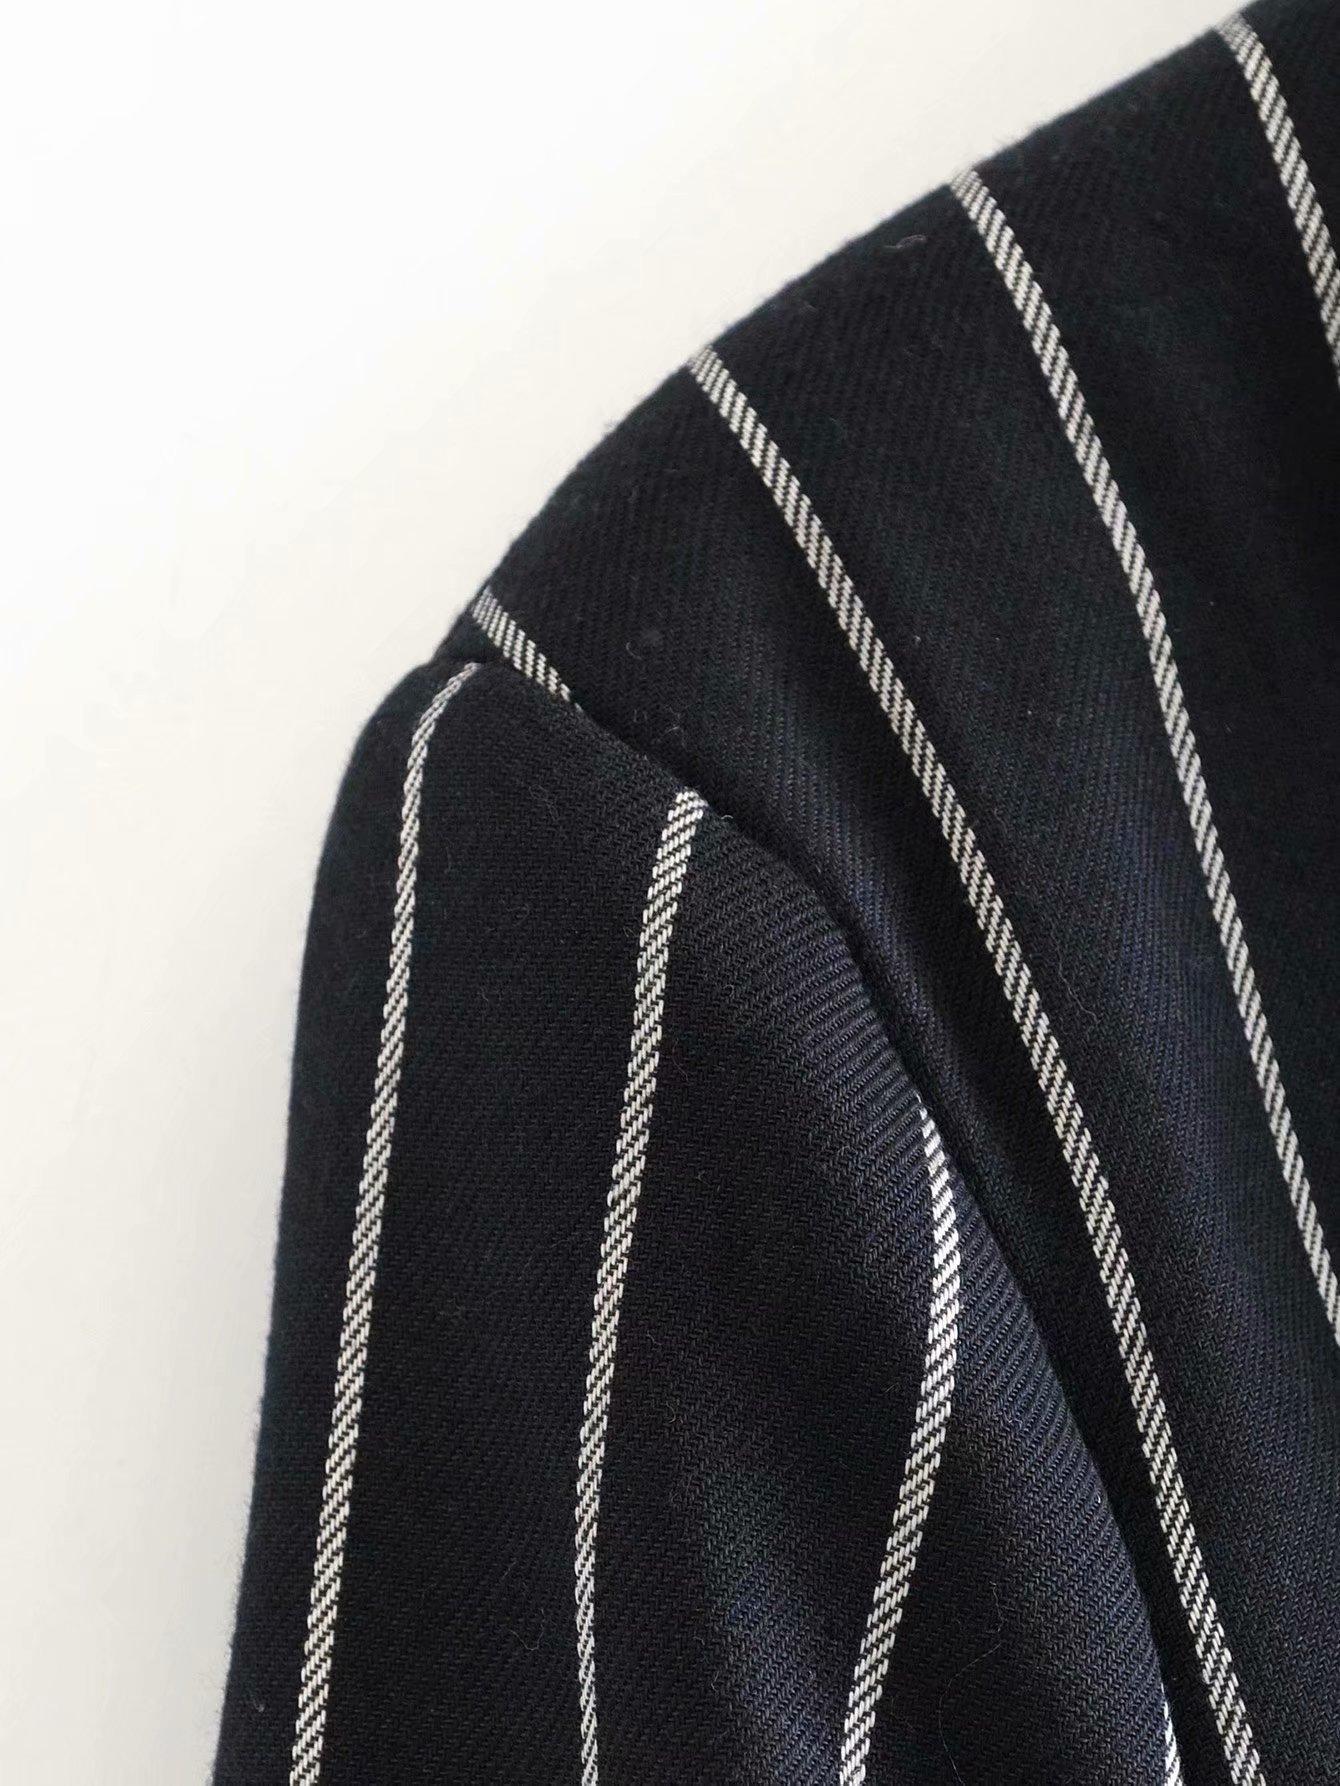 autumn contrast color retro British style striped women's blazer  NSAM2300